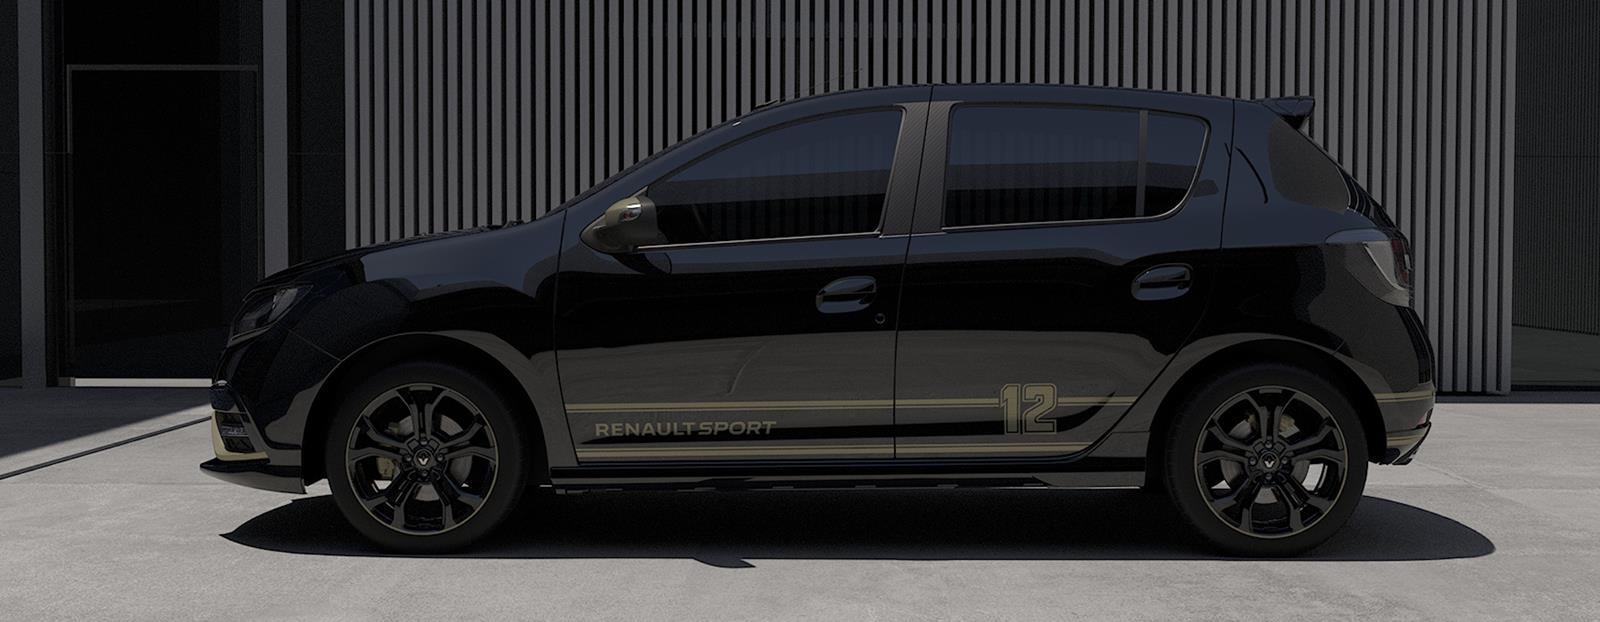 Dacia Sandero RS Grand Prix - Dacia Sandero RS Grand Prix